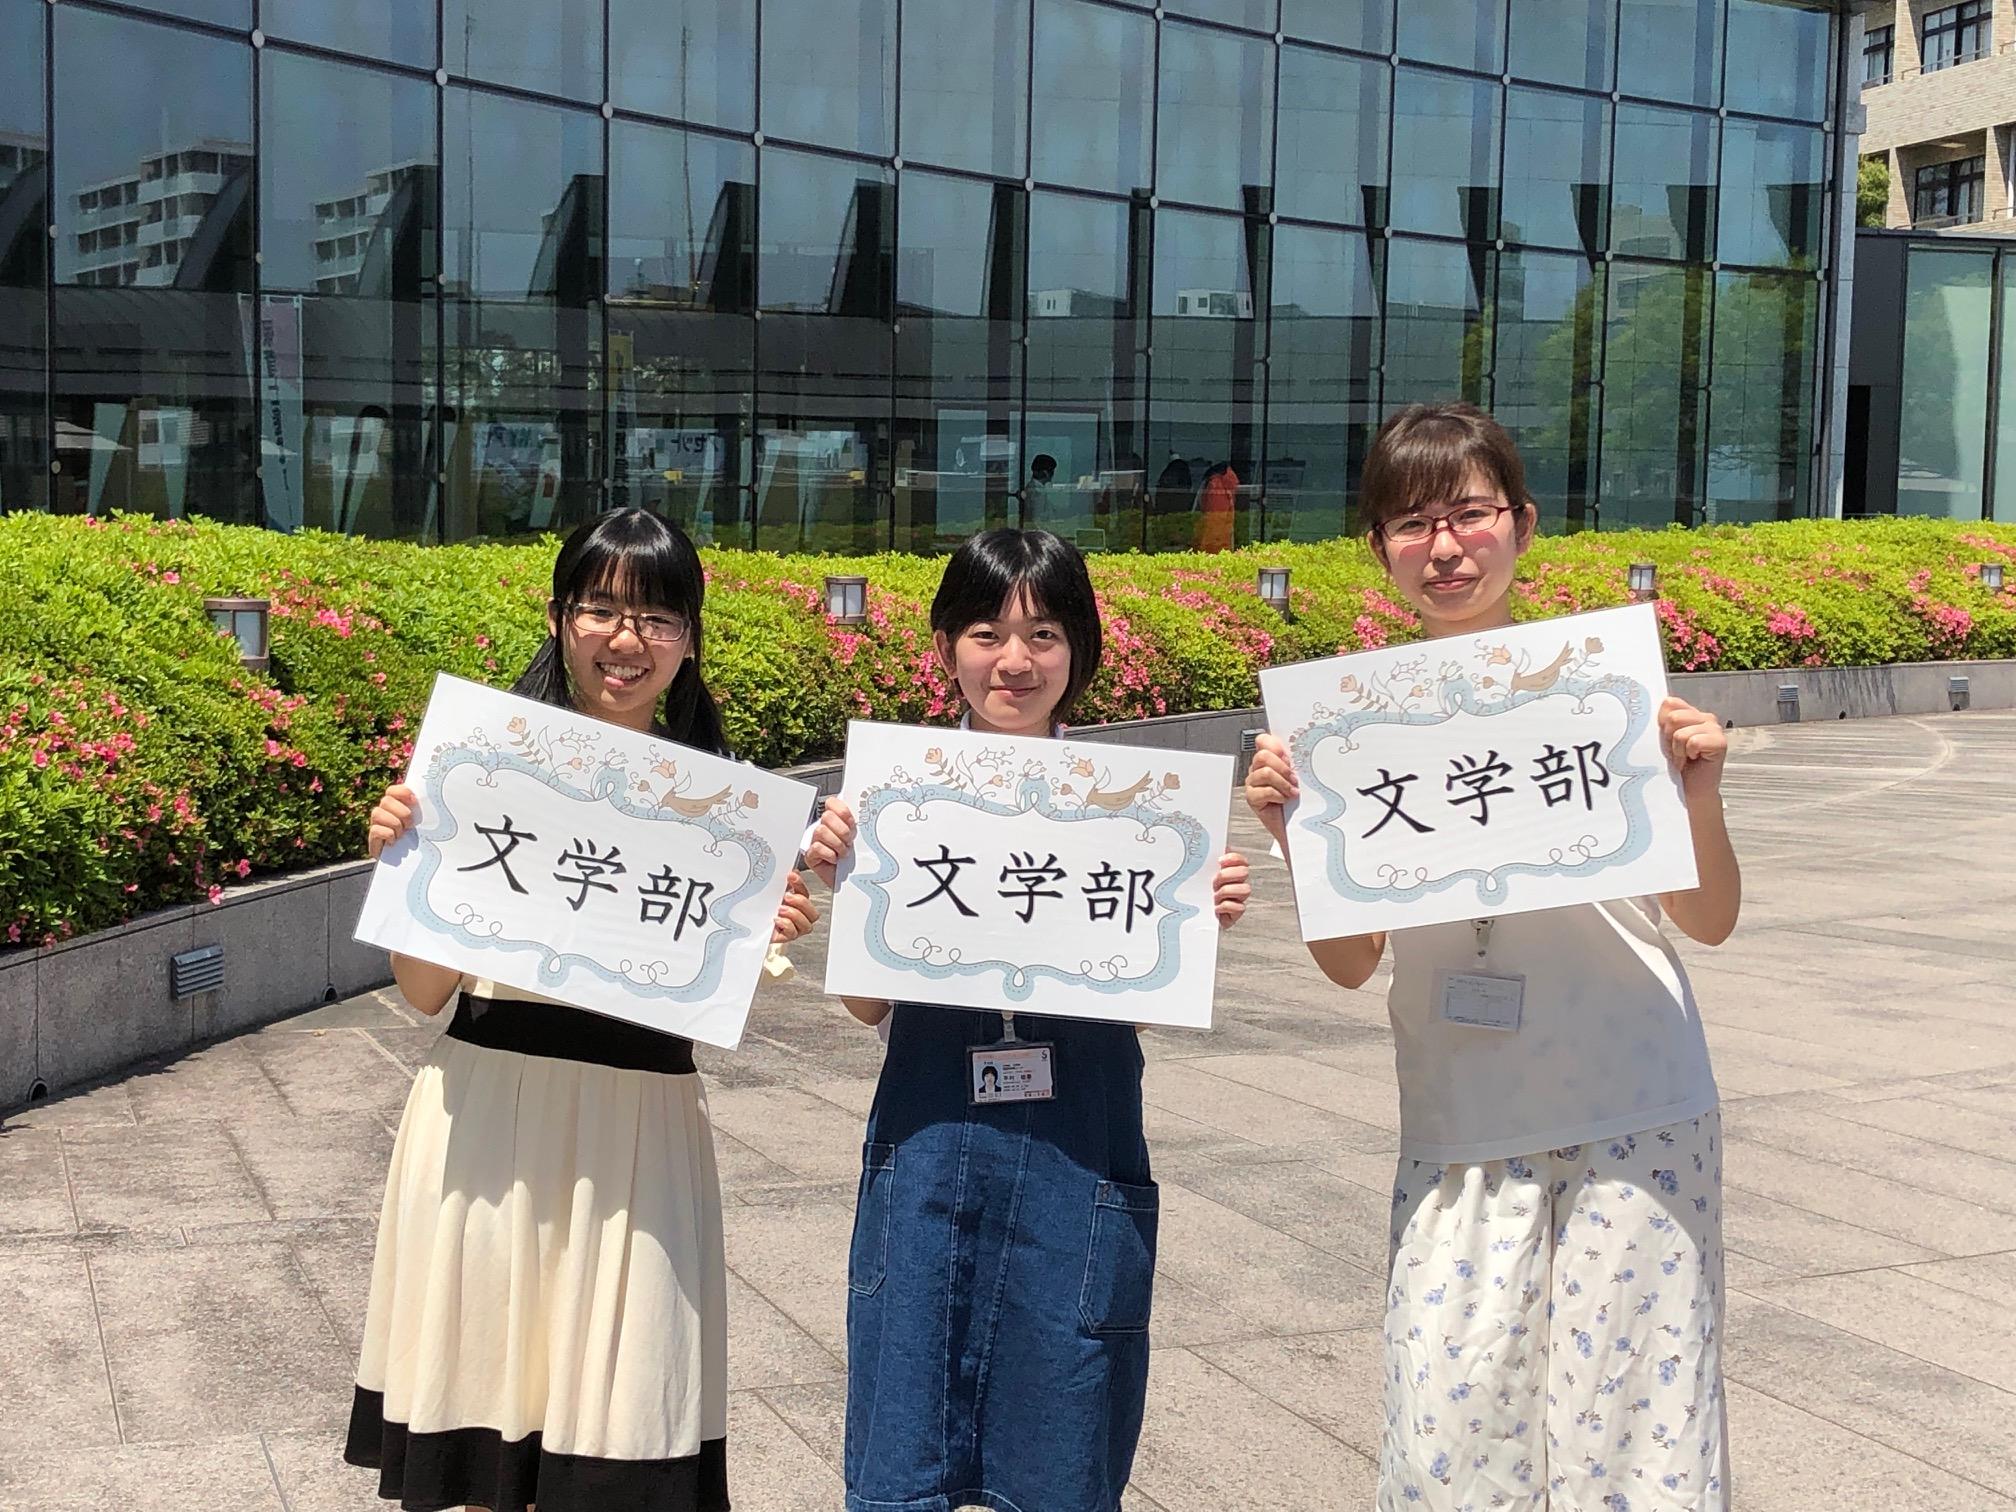 6月9日文学部説明会開催!10時40分より学部長によるAO入試エントリシート講座も開催されます